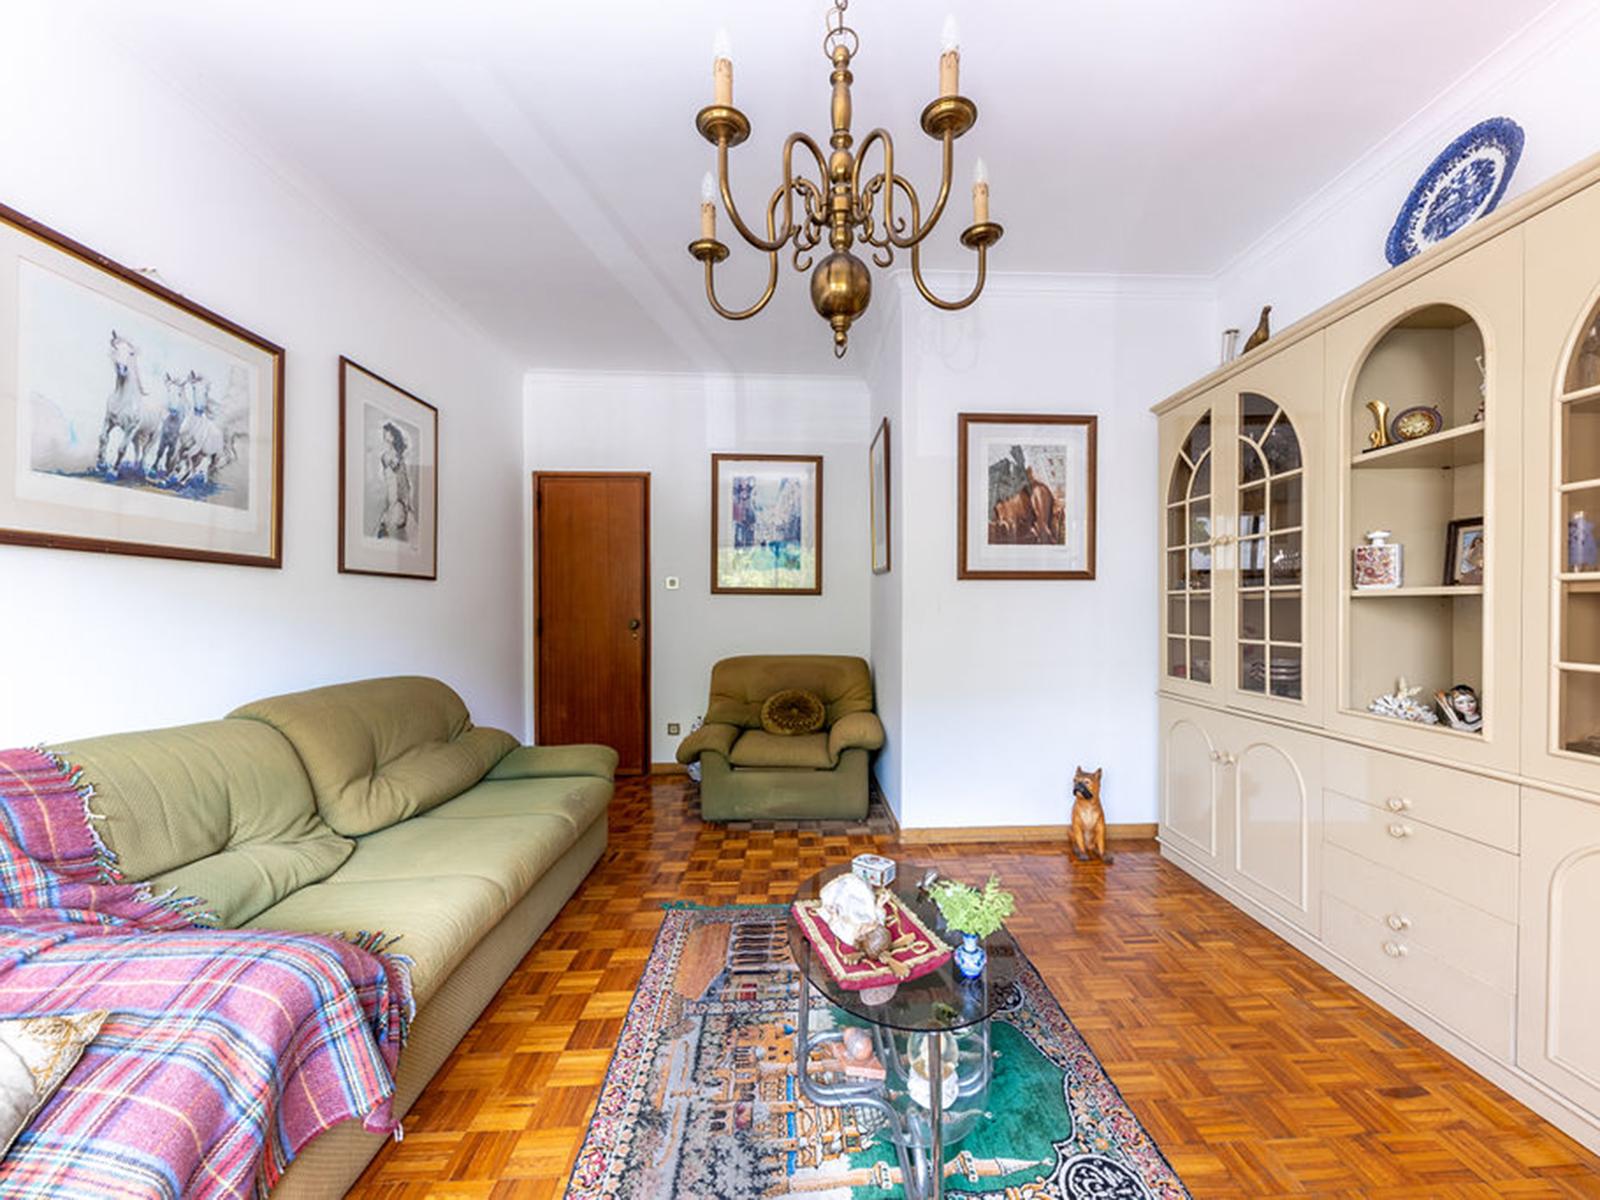 דירת 3 חדרים למכירה, במטרופולין ליסבון